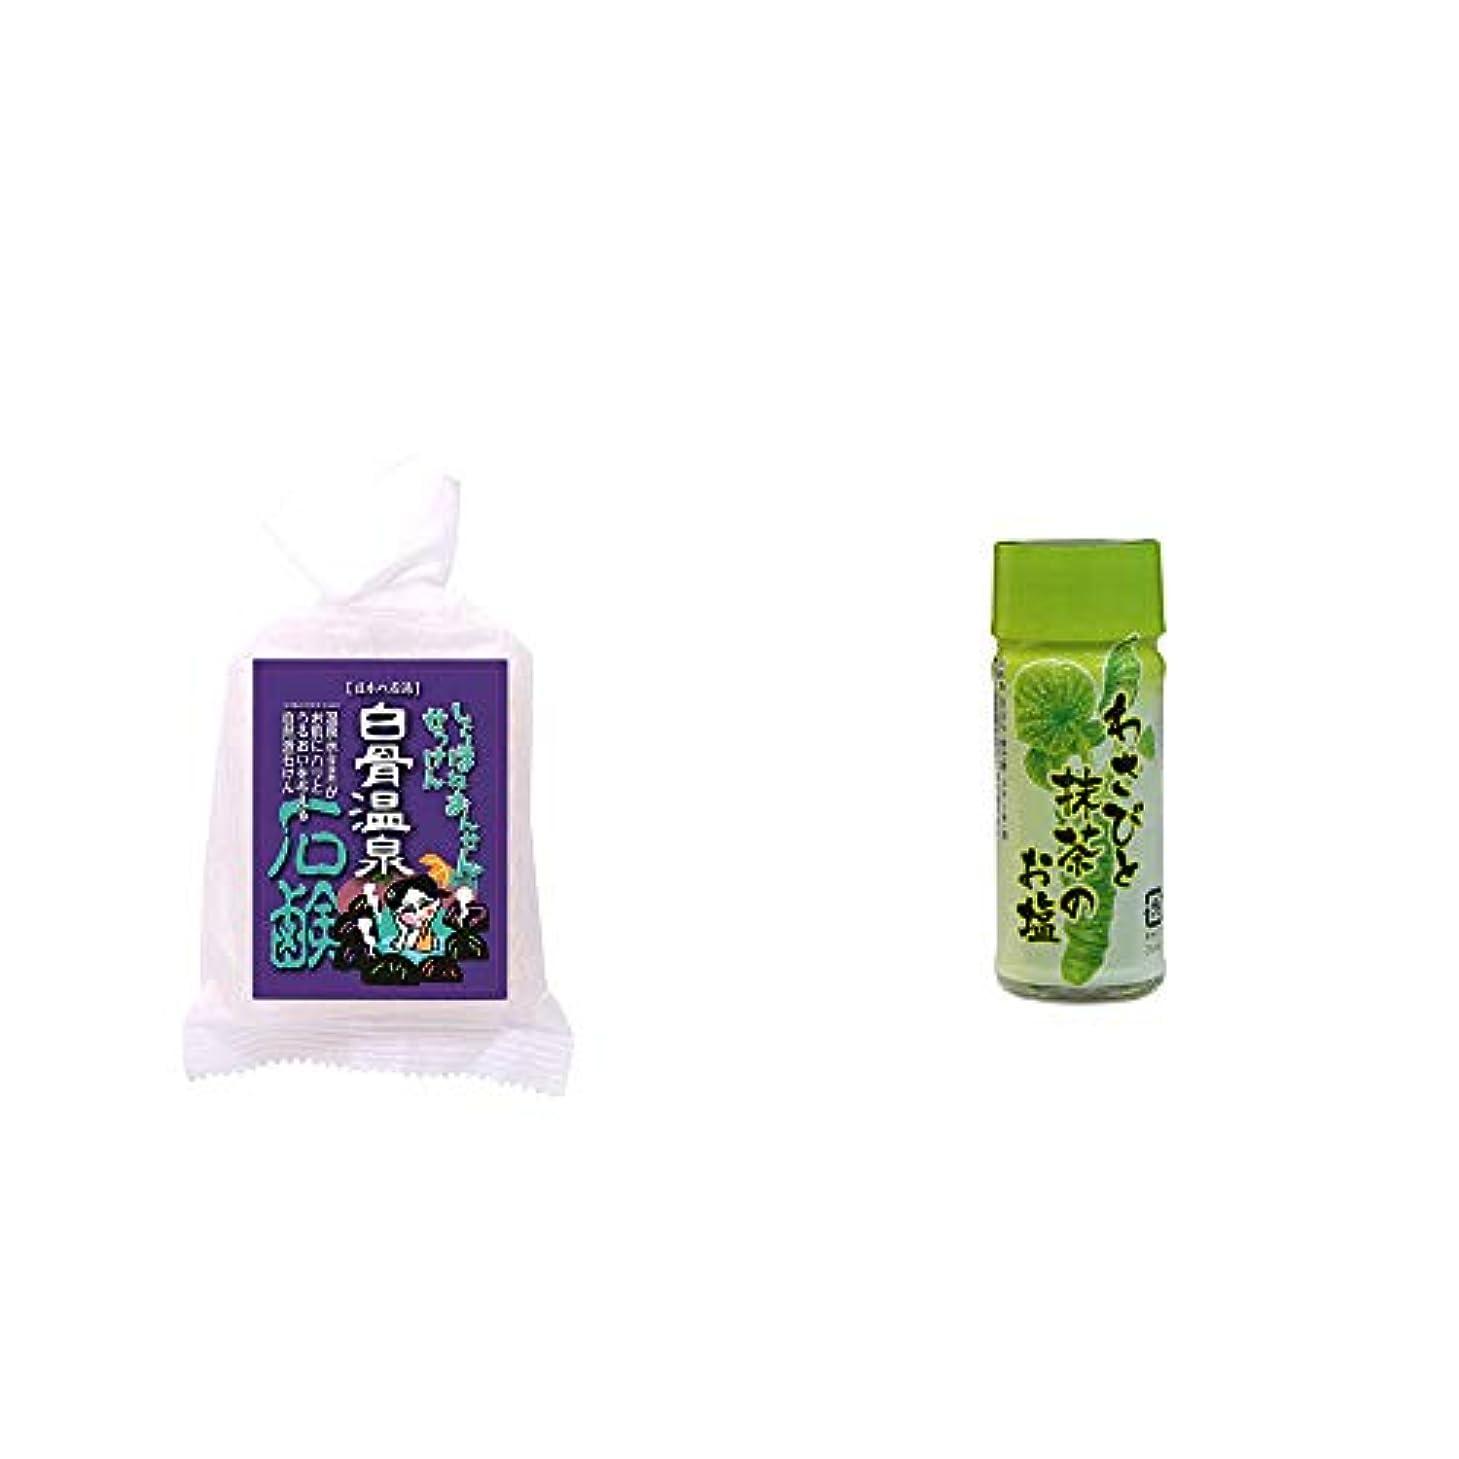 無視するサイクル復讐[2点セット] 信州 白骨温泉石鹸(80g)?わさびと抹茶のお塩(30g)